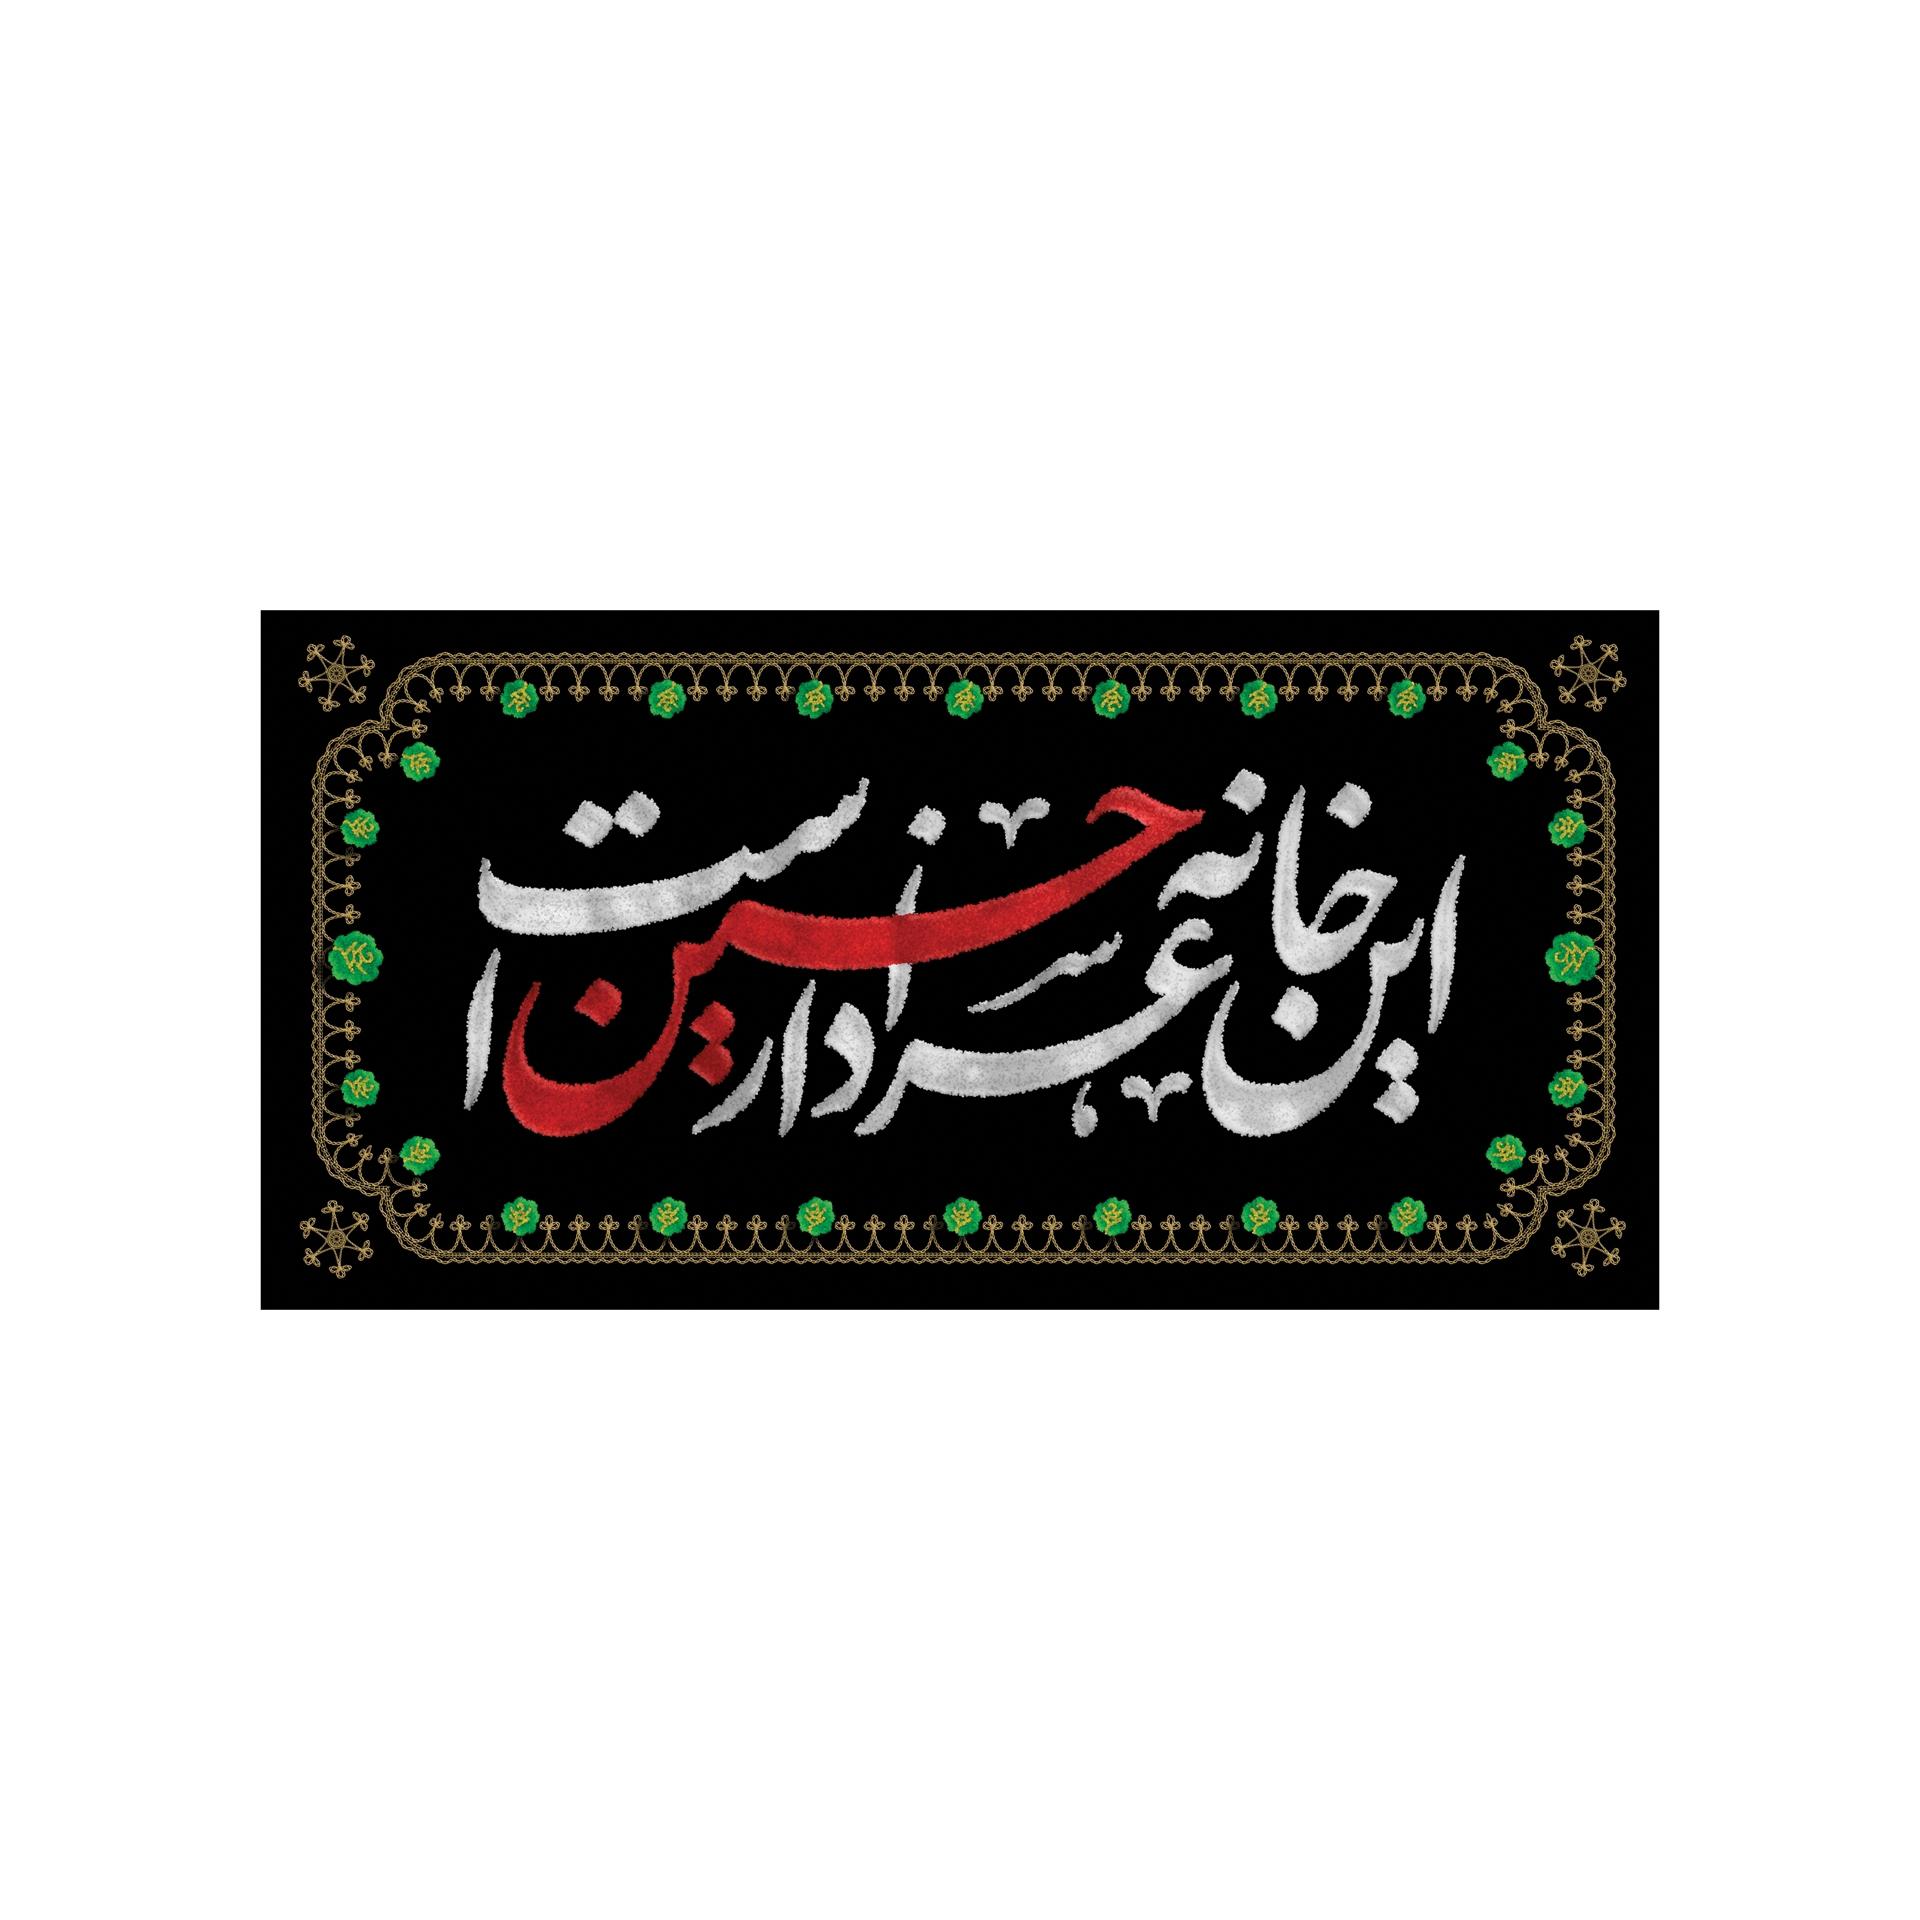 تصویر از کتیبه خانگی «این خانه عزادار حسین است» - مخمل (مشکی)جنسپارچه مخمل اندازه۲۸×۵۶ سانتیمتر